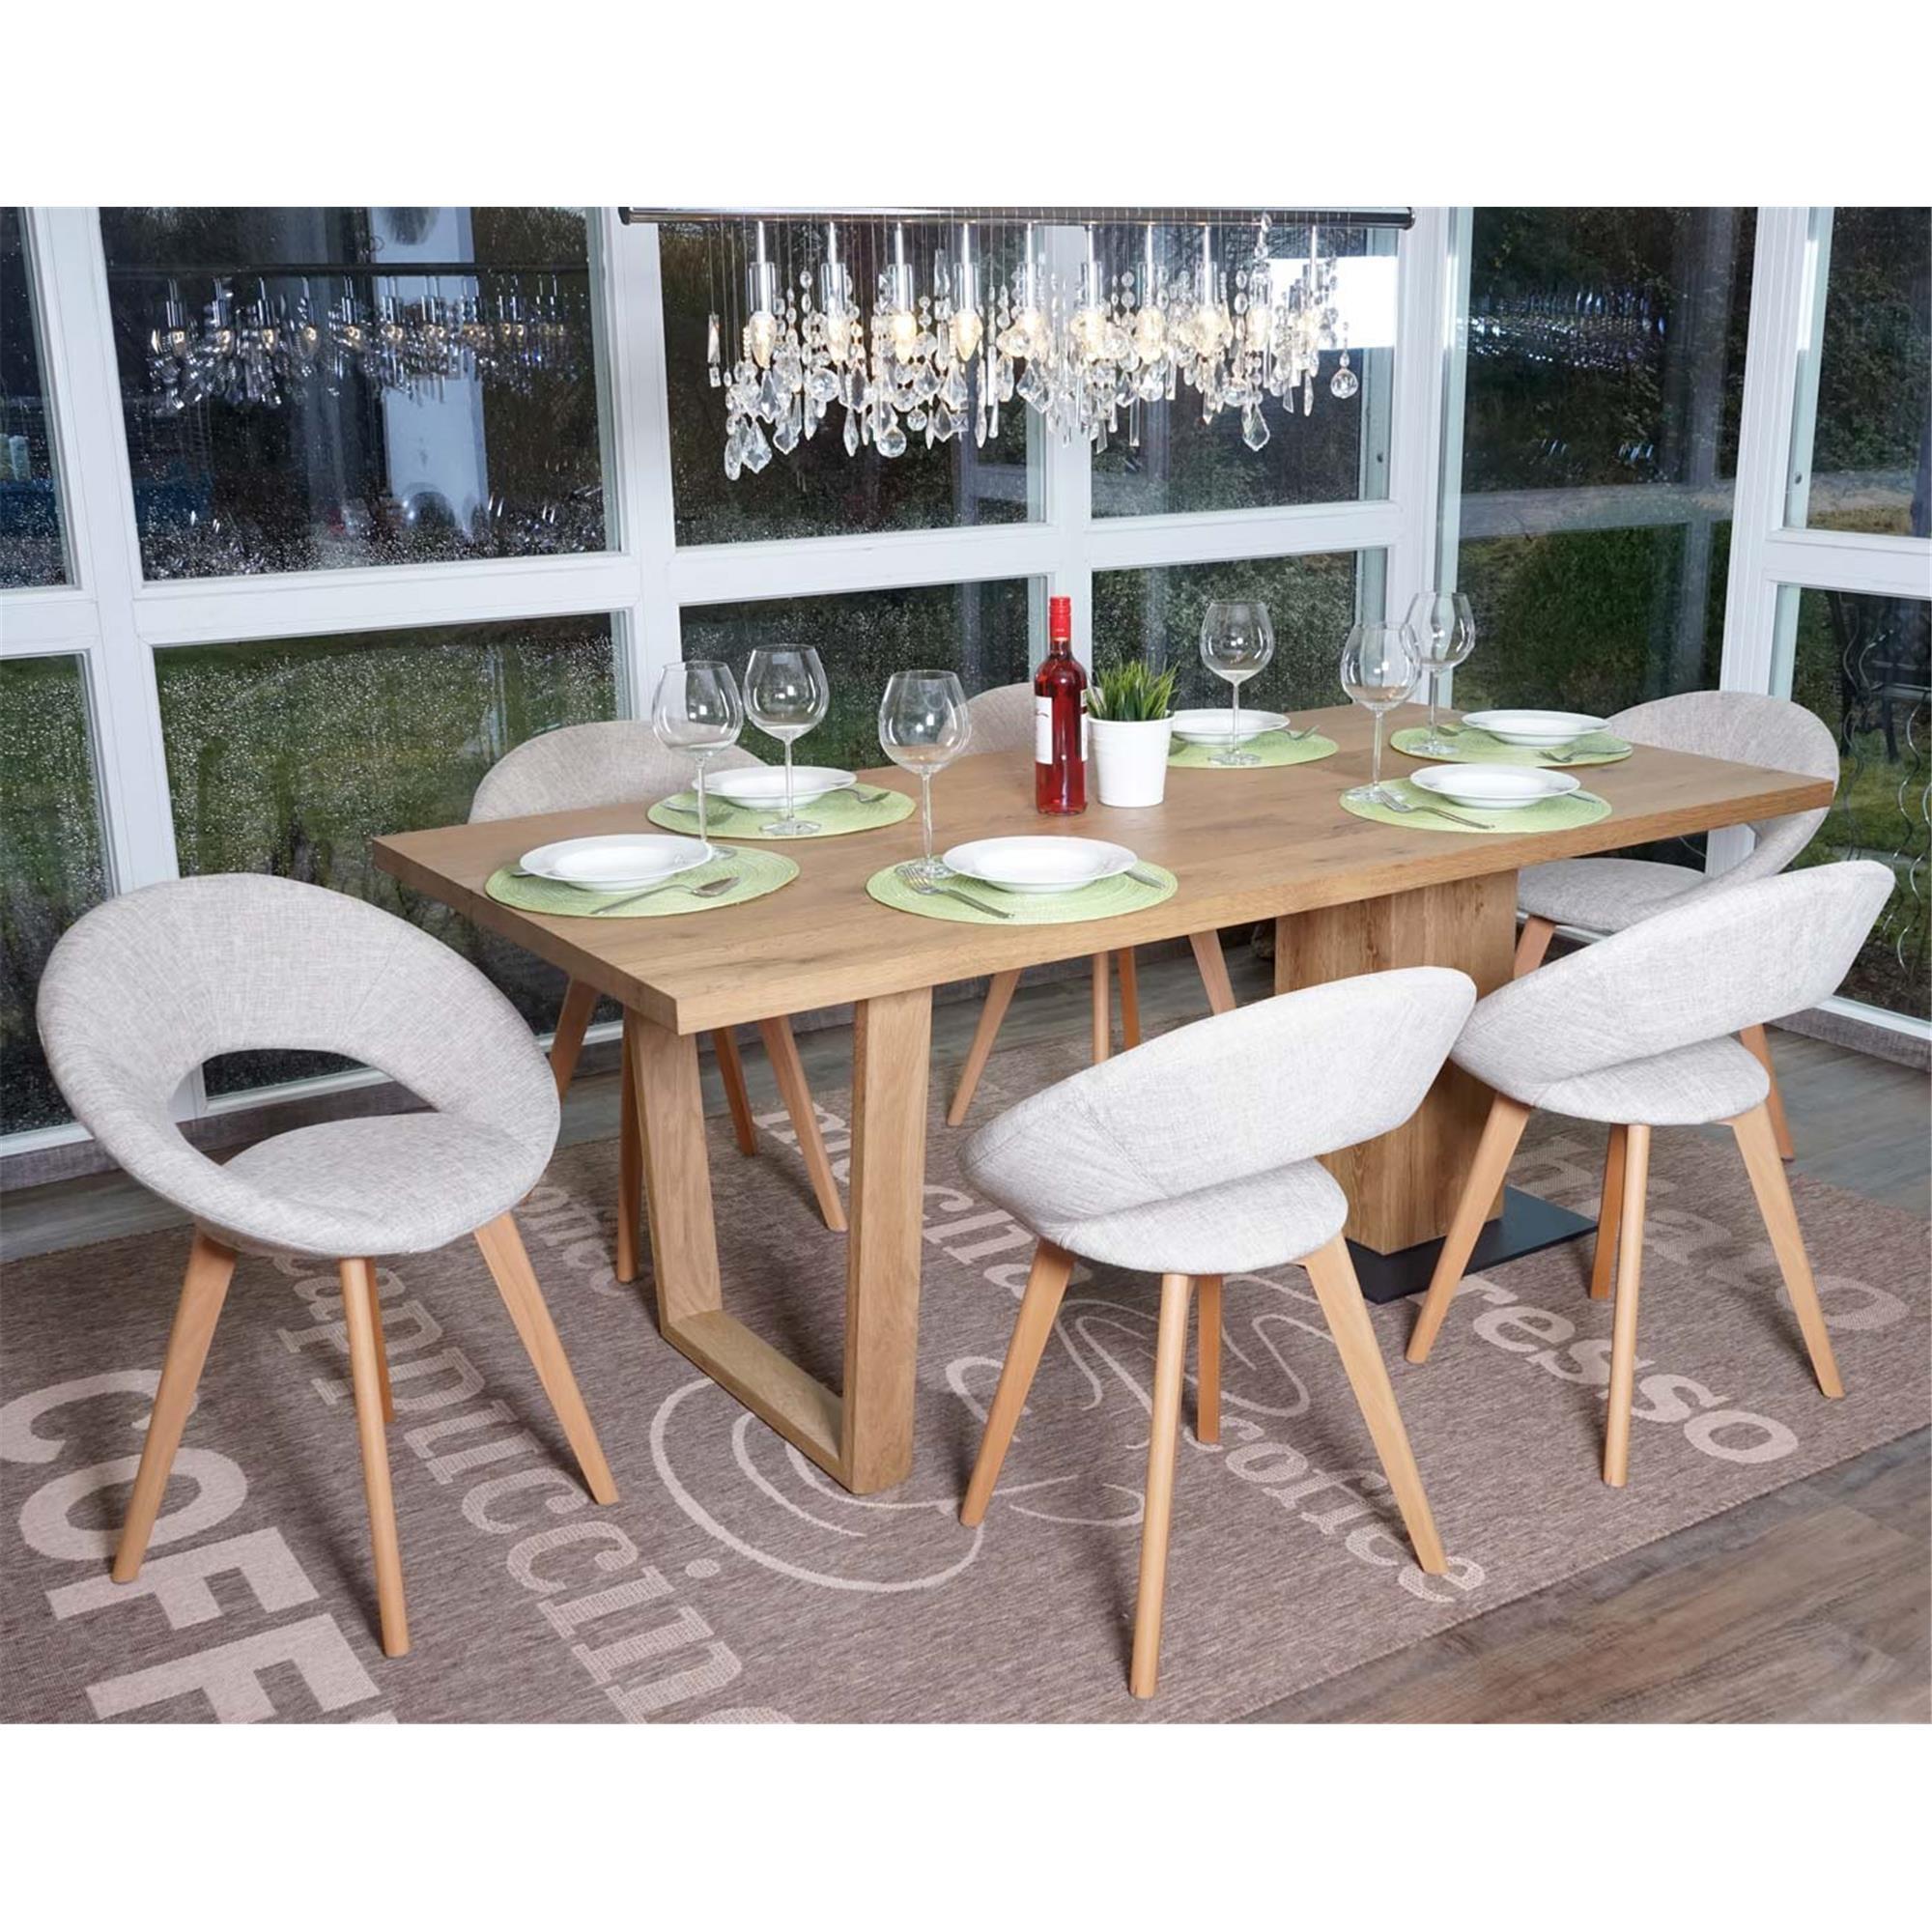 Conjunto 6 sillas de comedor vedri dise o retro en tela - Tela para sillas de comedor ...